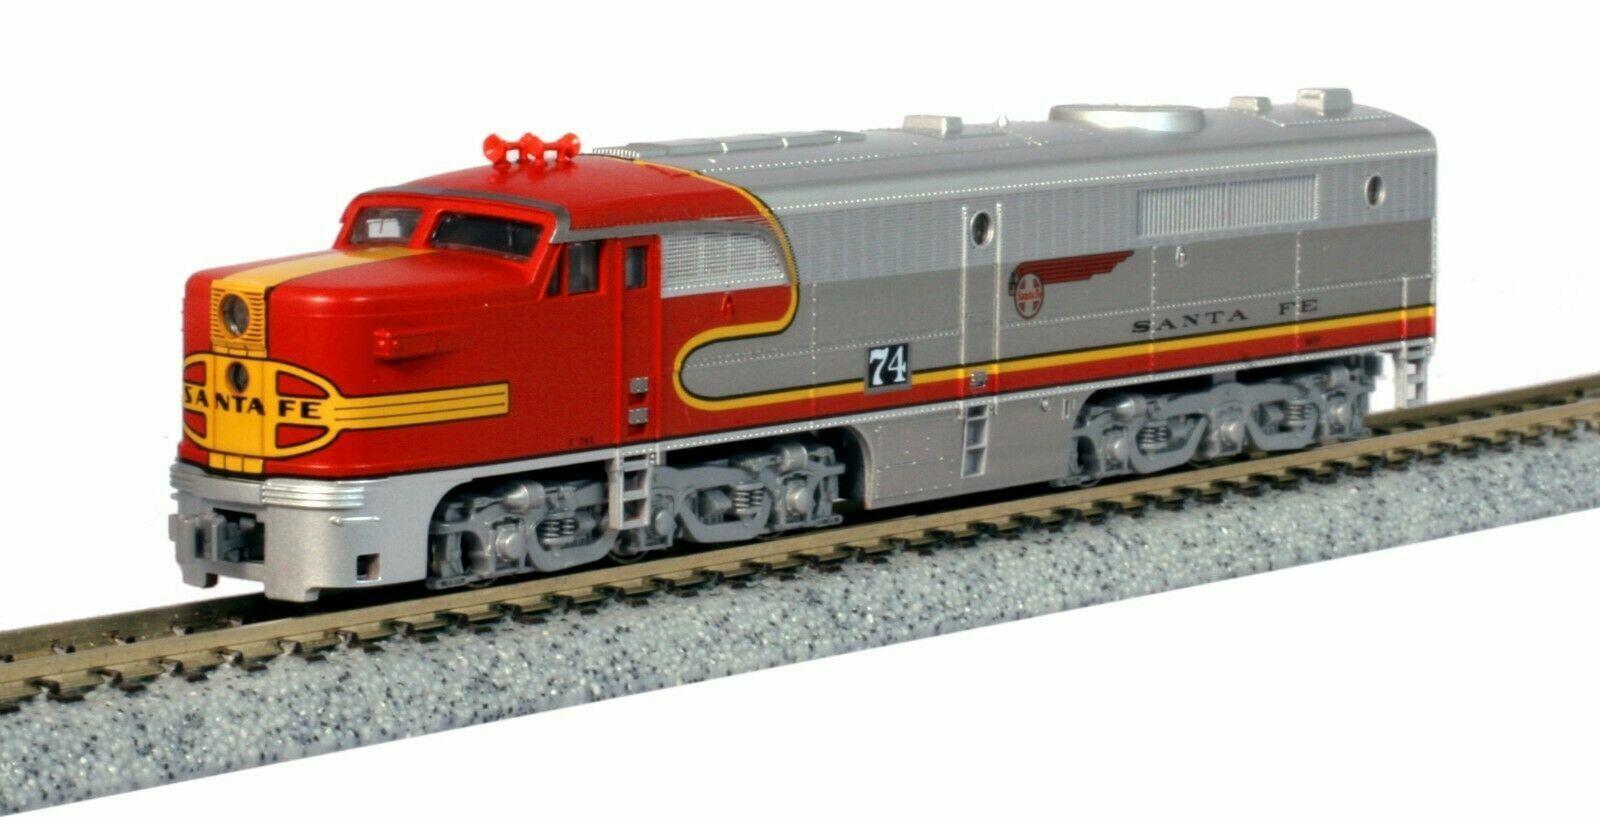 Kato 1764121 N Scale Alco PA-1 Santa Fe penacho L 176-4121 AT&SF